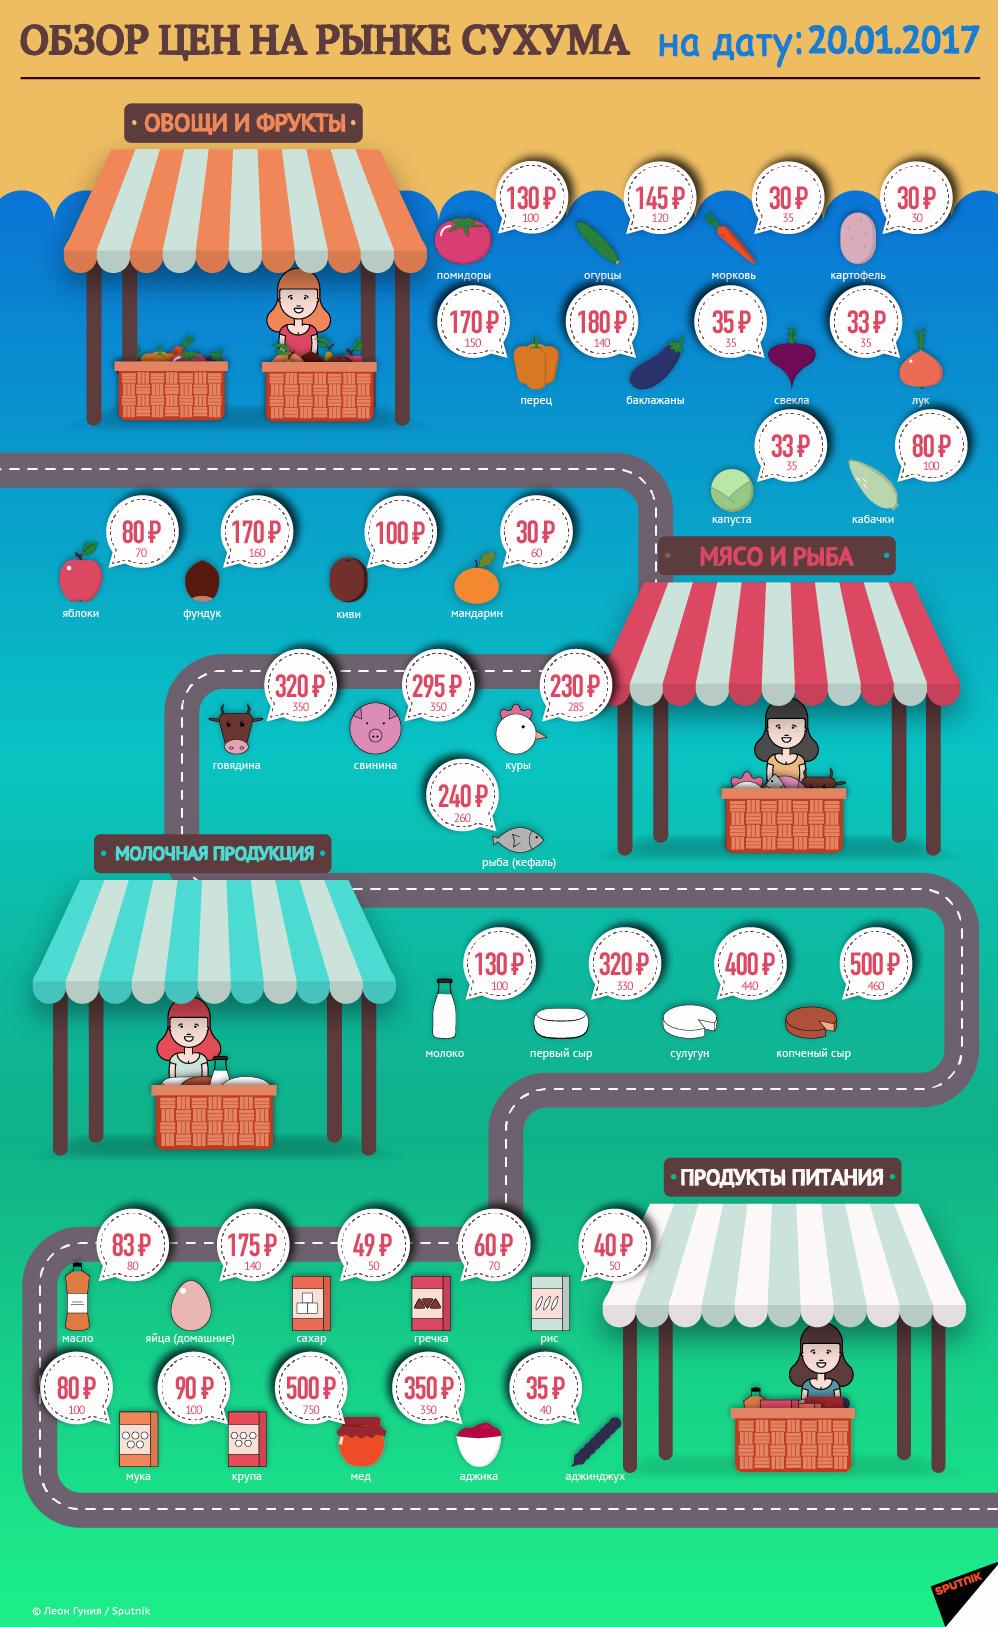 цены в Сухуми на 2017 год